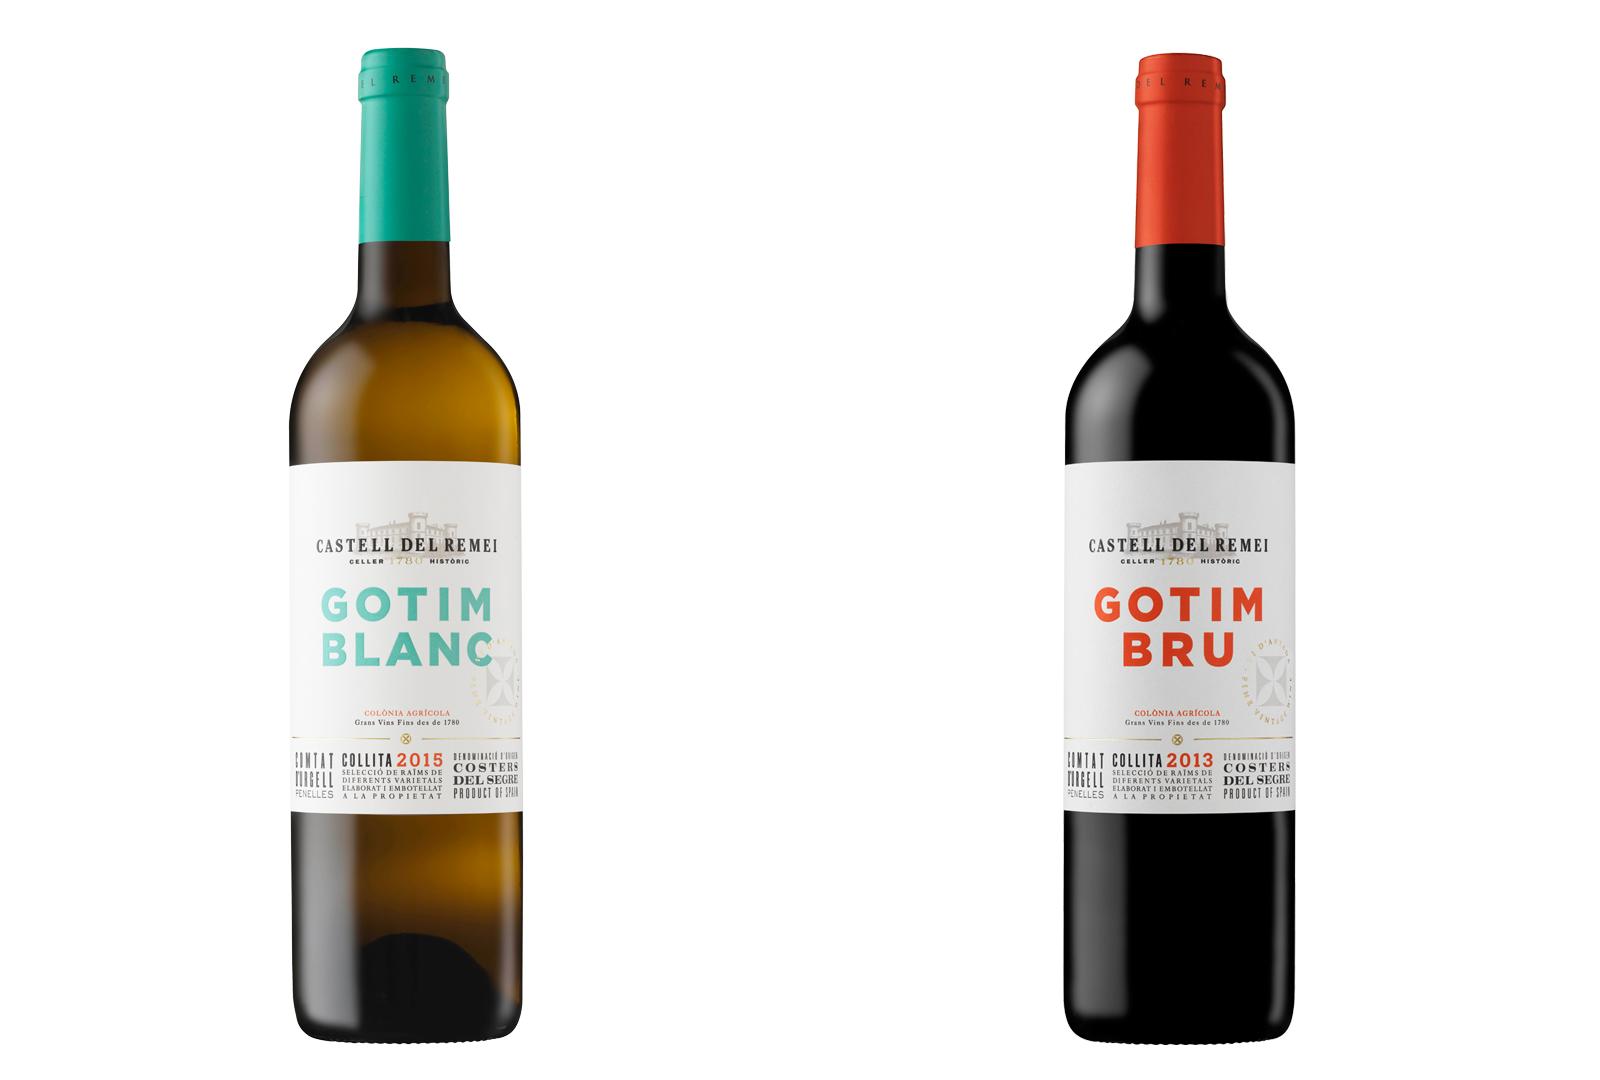 Gotim Blanc 2015 y Gotim Bru 2013.